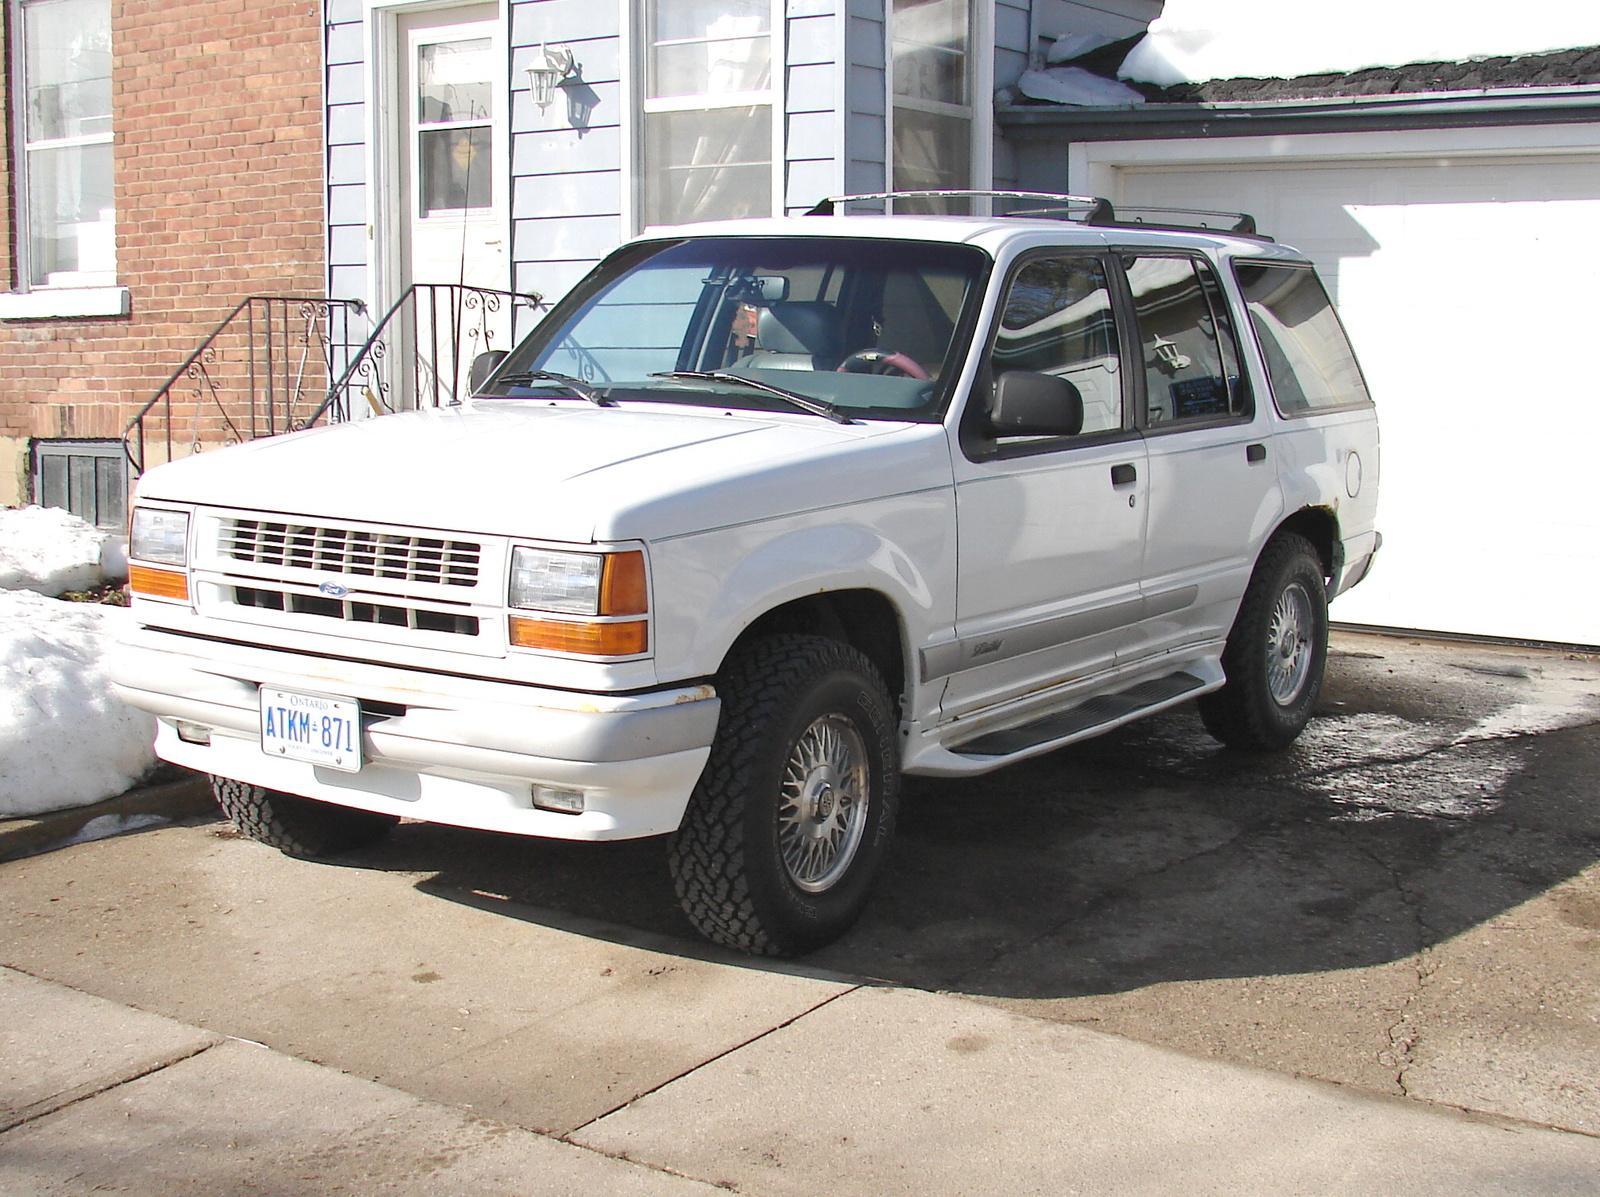 1994 Ford Explorer #10 Ford Explorer #10 800 1024 1280 1600 origin ...